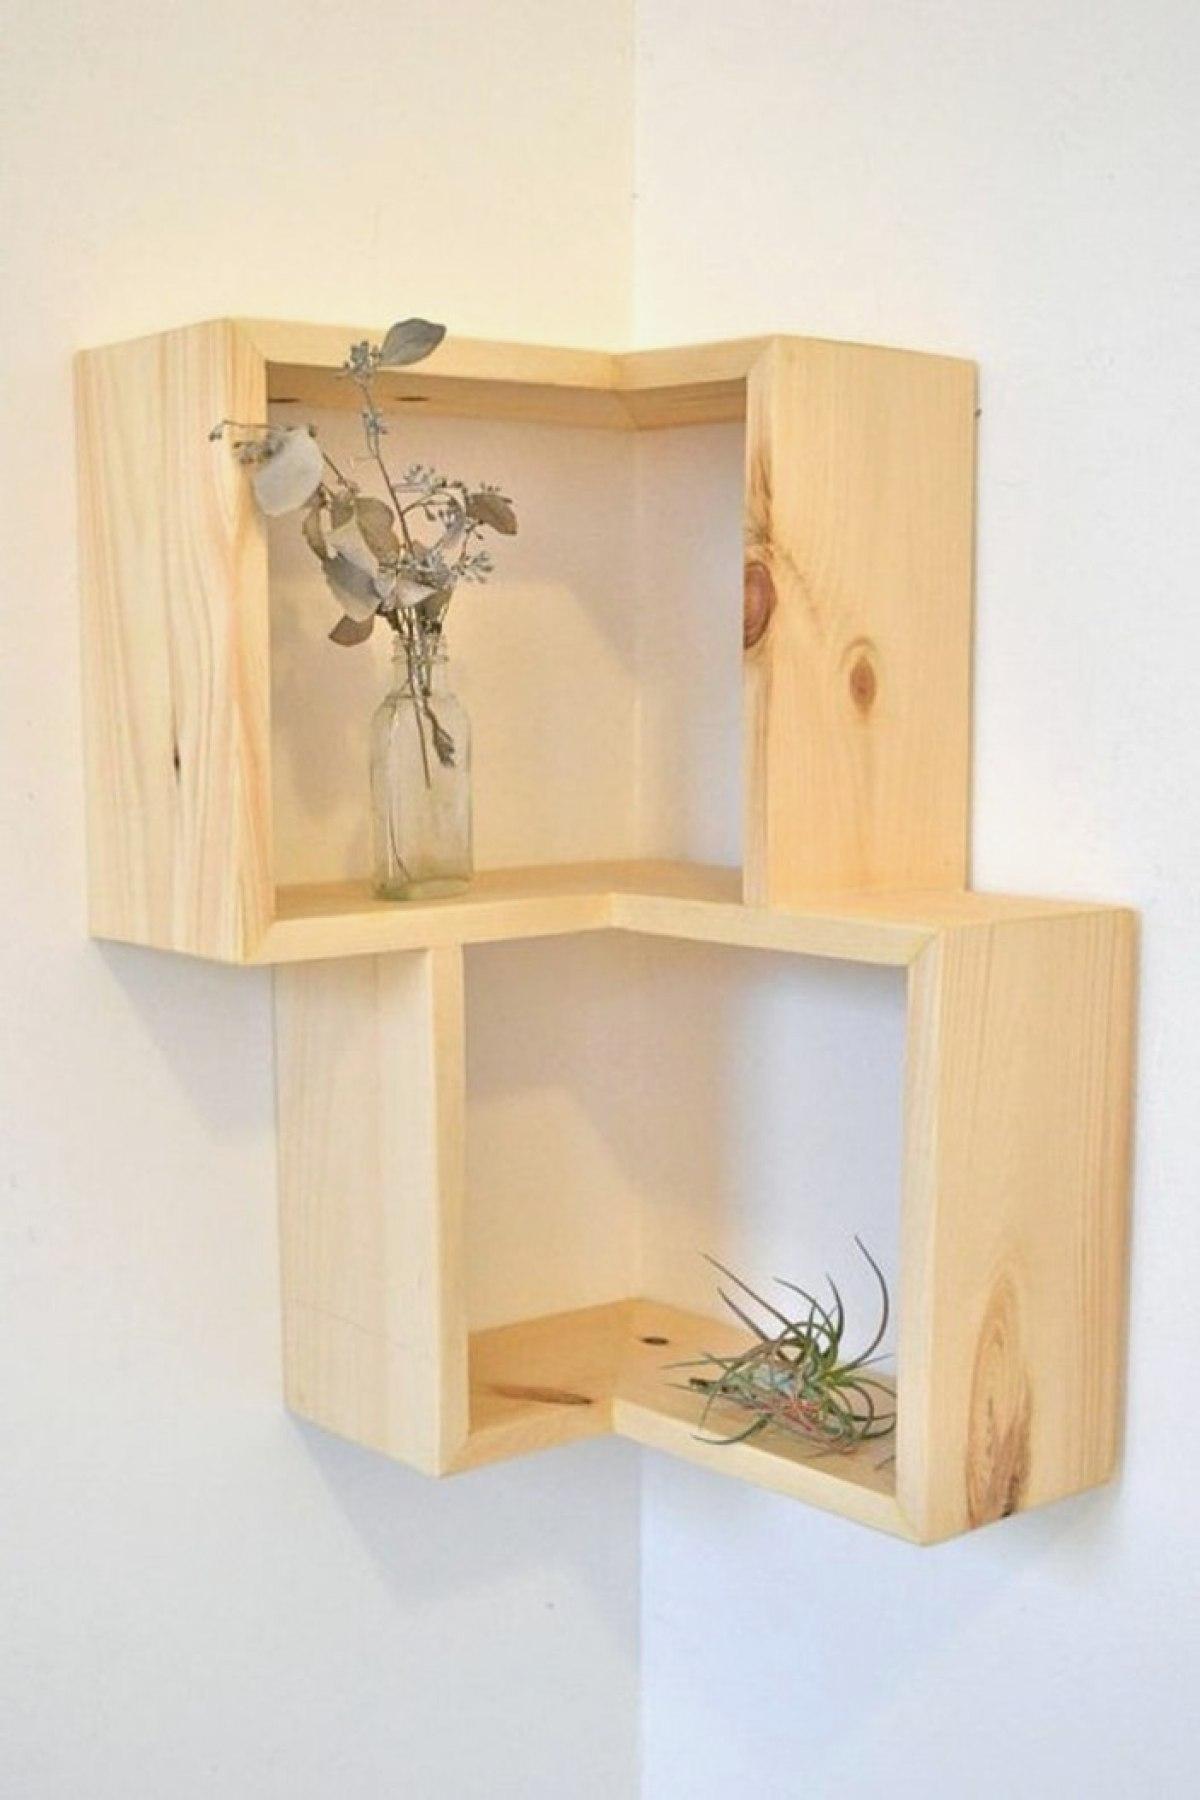 Etagere Bambou Leroy Merlin Inspirant Photographie Le Supérieur 51 Galerie Etagere Angle Bois Merveilleux